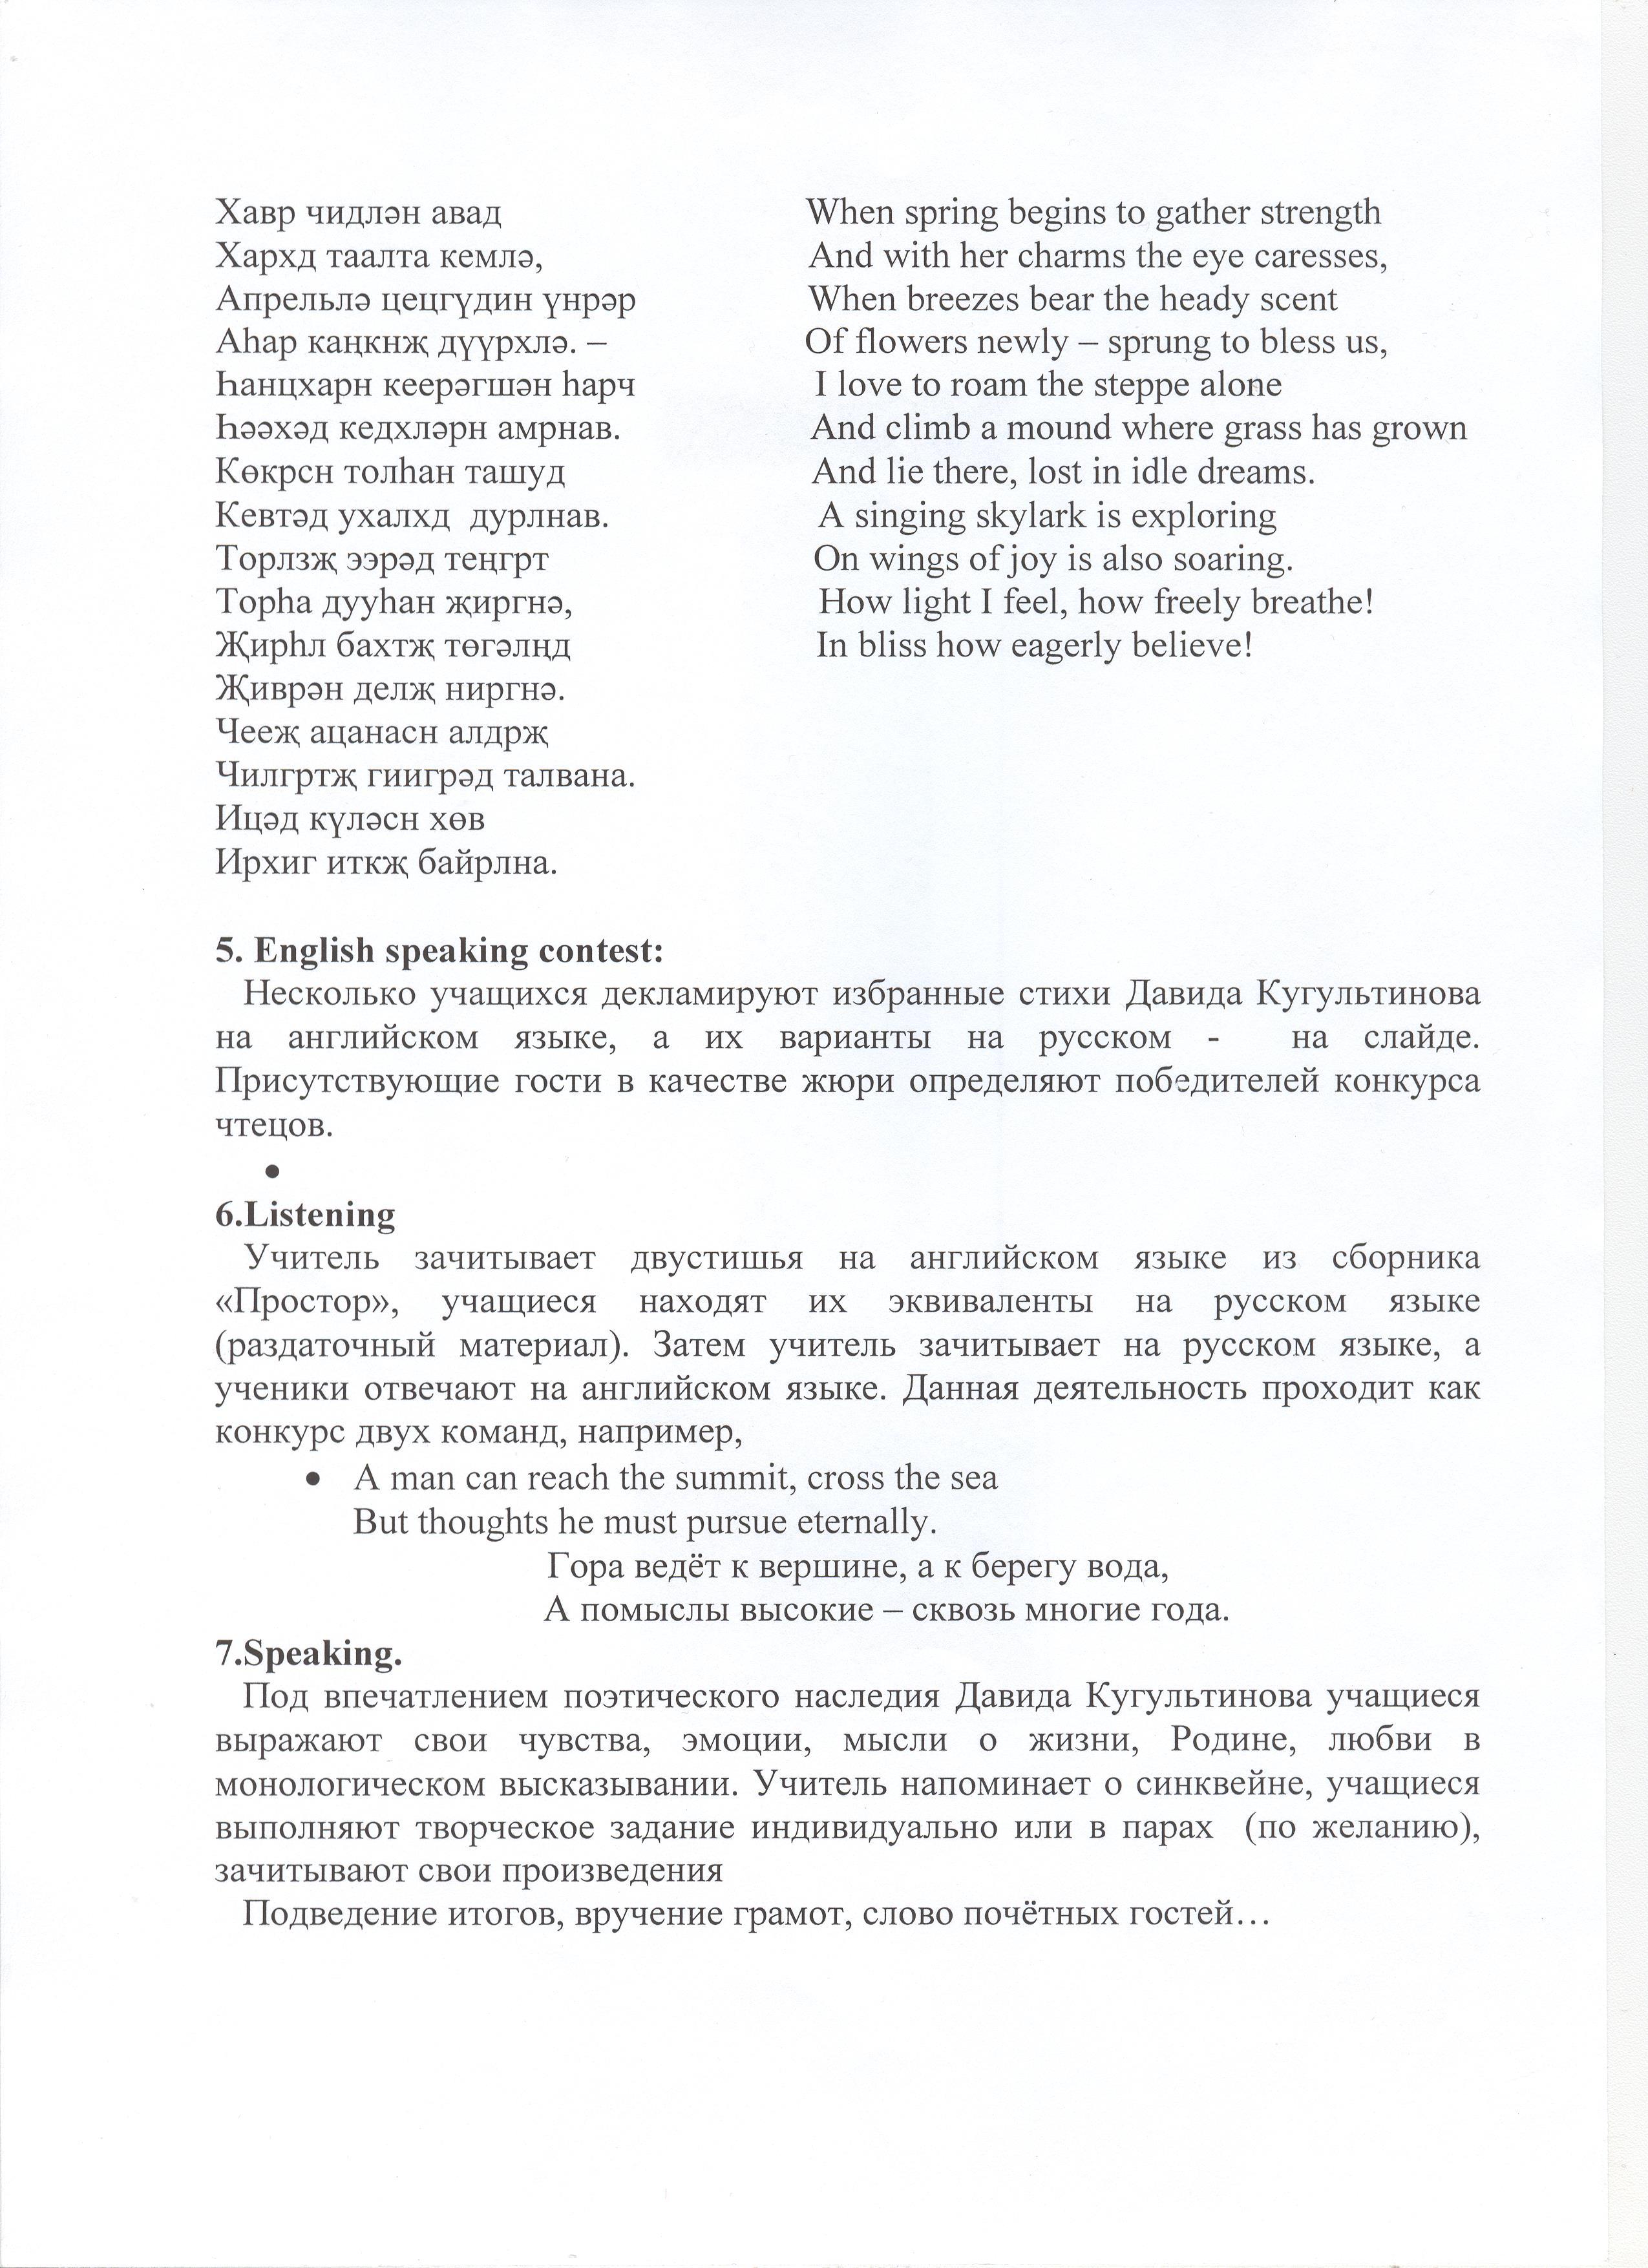 C:\Users\777\Сканированные документы\д.куг\д.куг 003.jpg